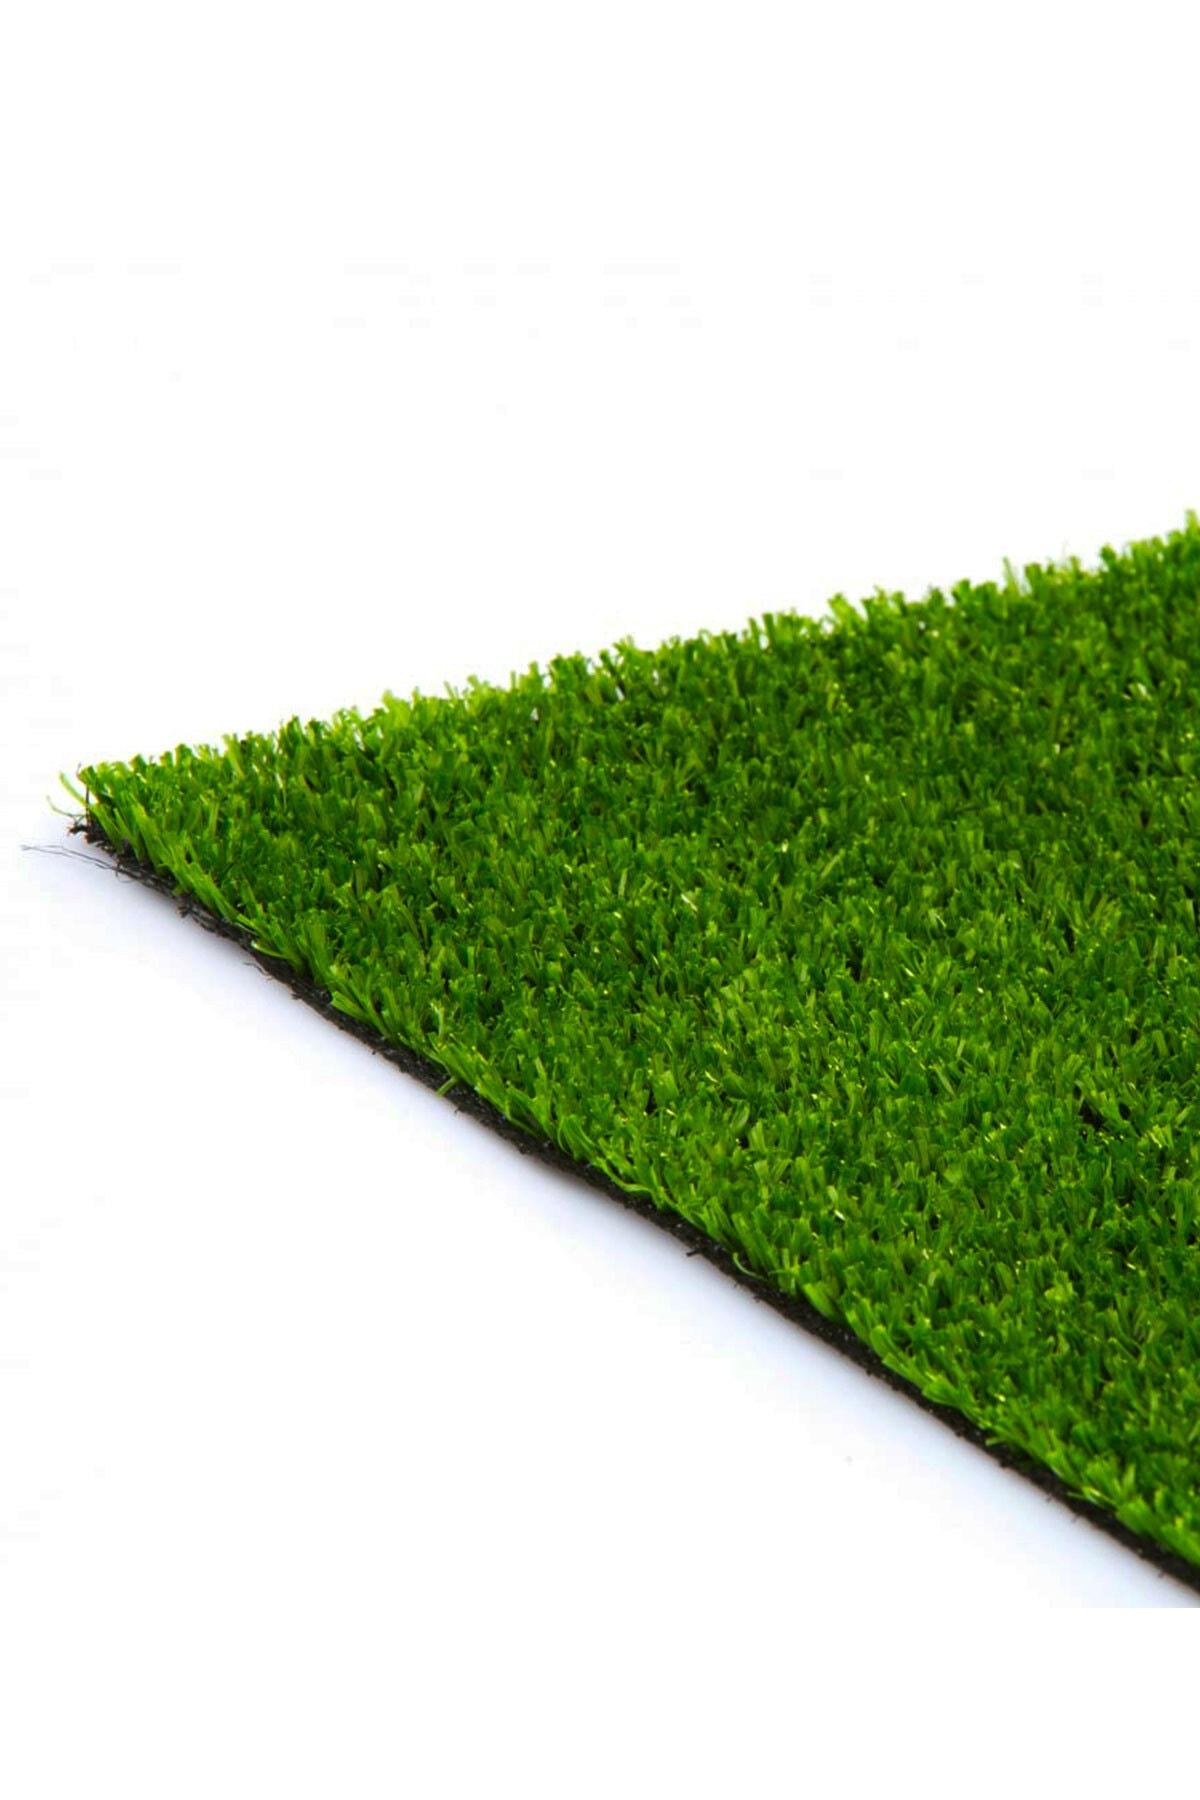 - Suni Yapay Çim Halı Serisi - 7mm - Yeşil - En 2.5 Metre